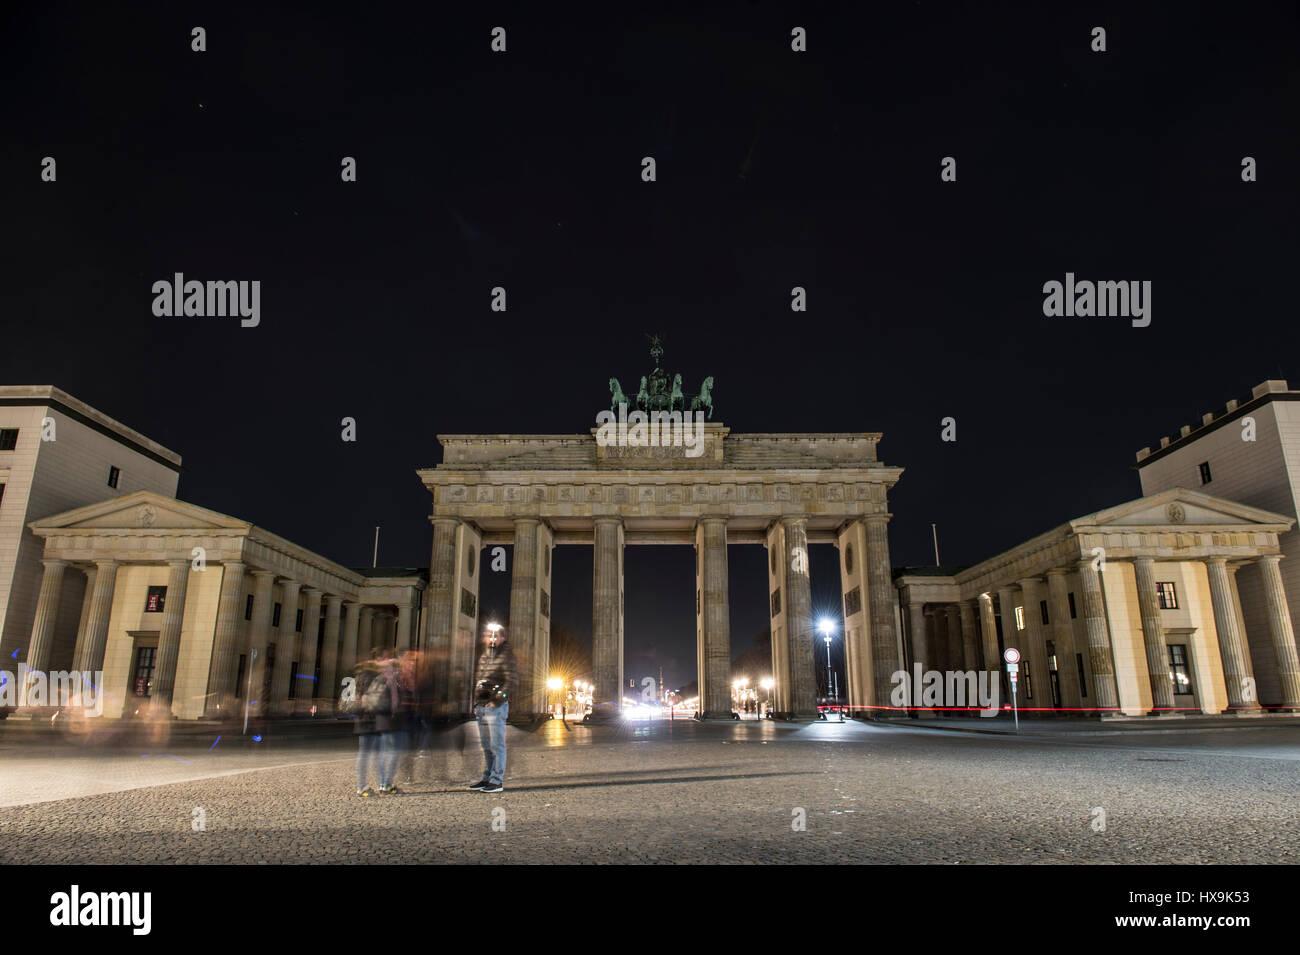 """Berlino, Germania. 25 Mar, 2017. La Porta di Brandeburgo è accesa fino poco prima di """"Earth Hour' a Berlino, Germania, Foto Stock"""